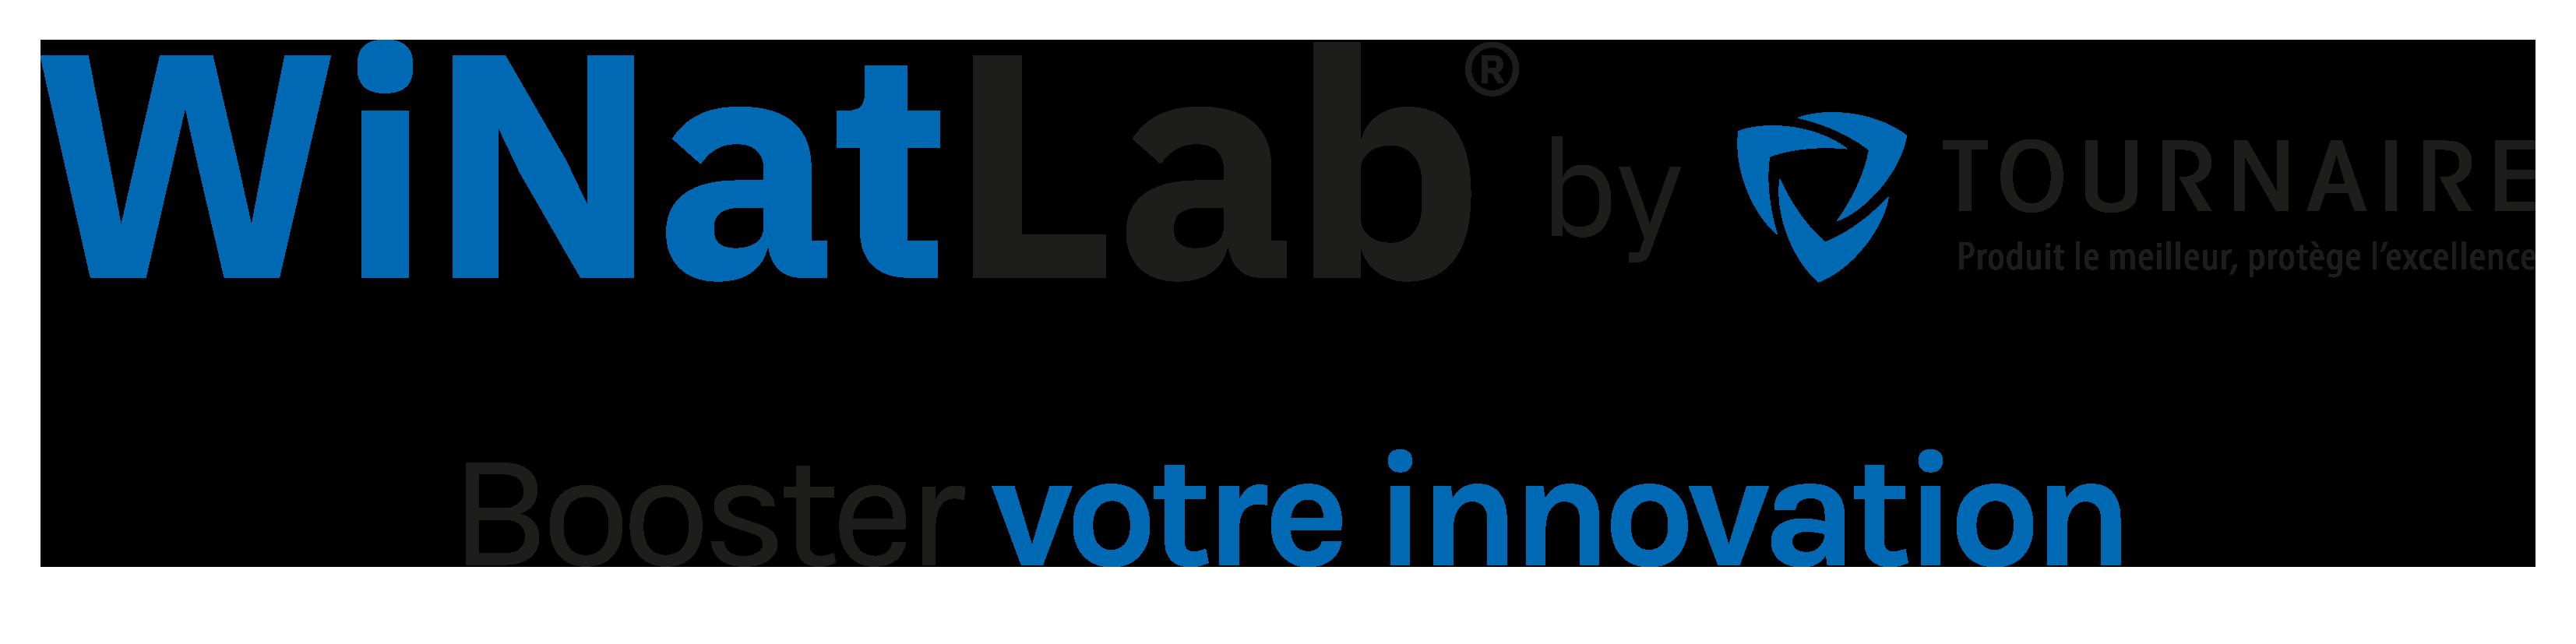 WiNatLab par Tournaire